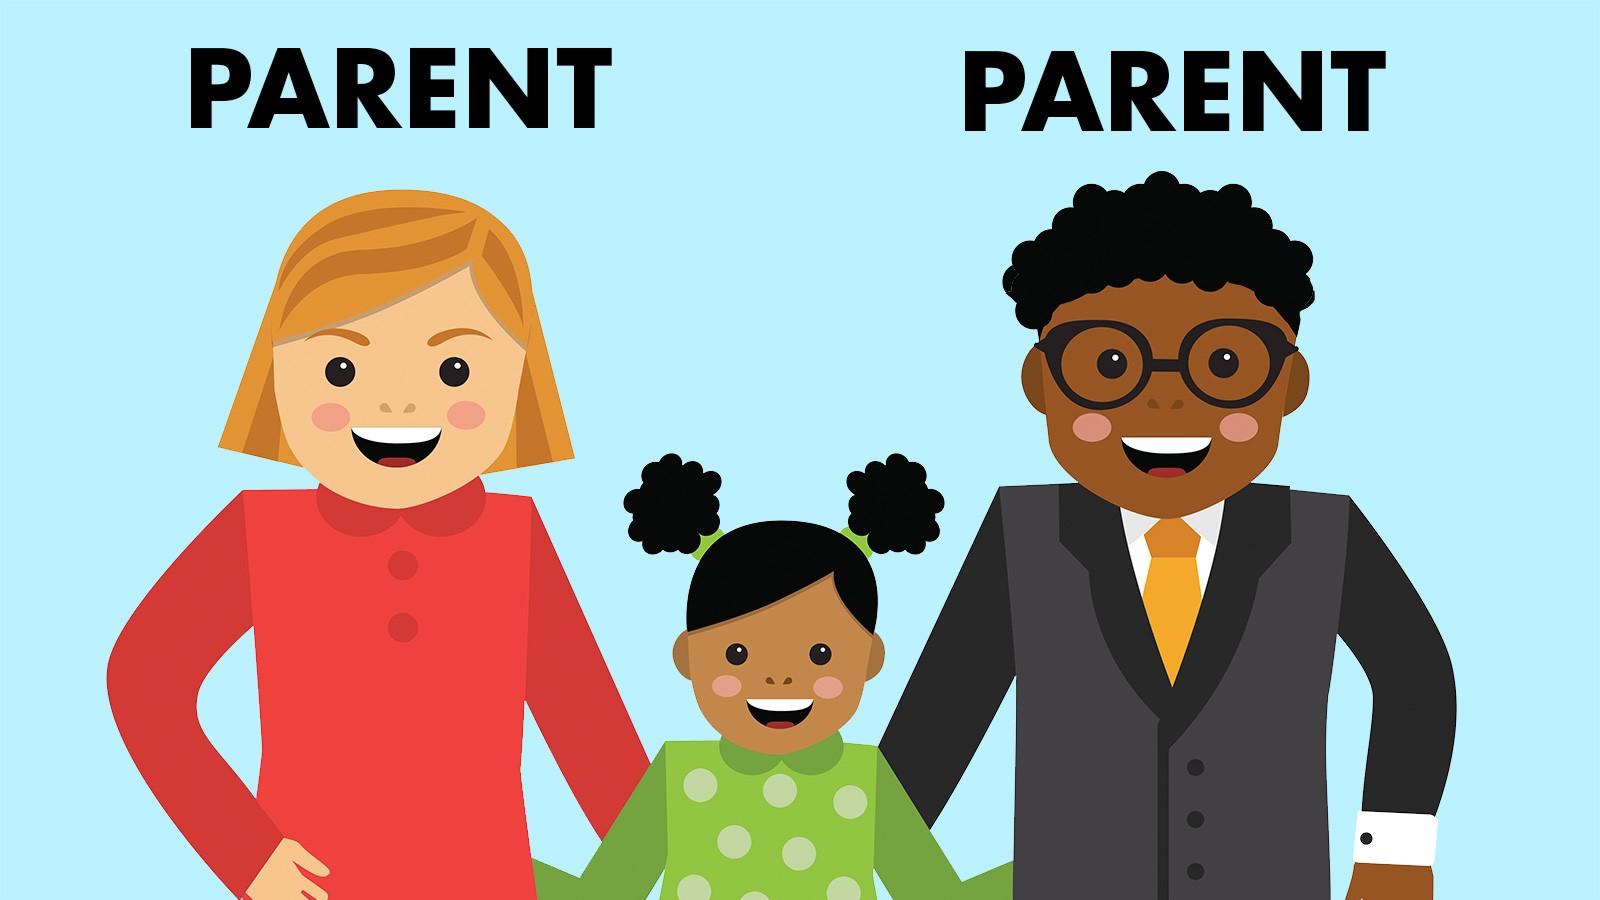 parent is a gender neutral term